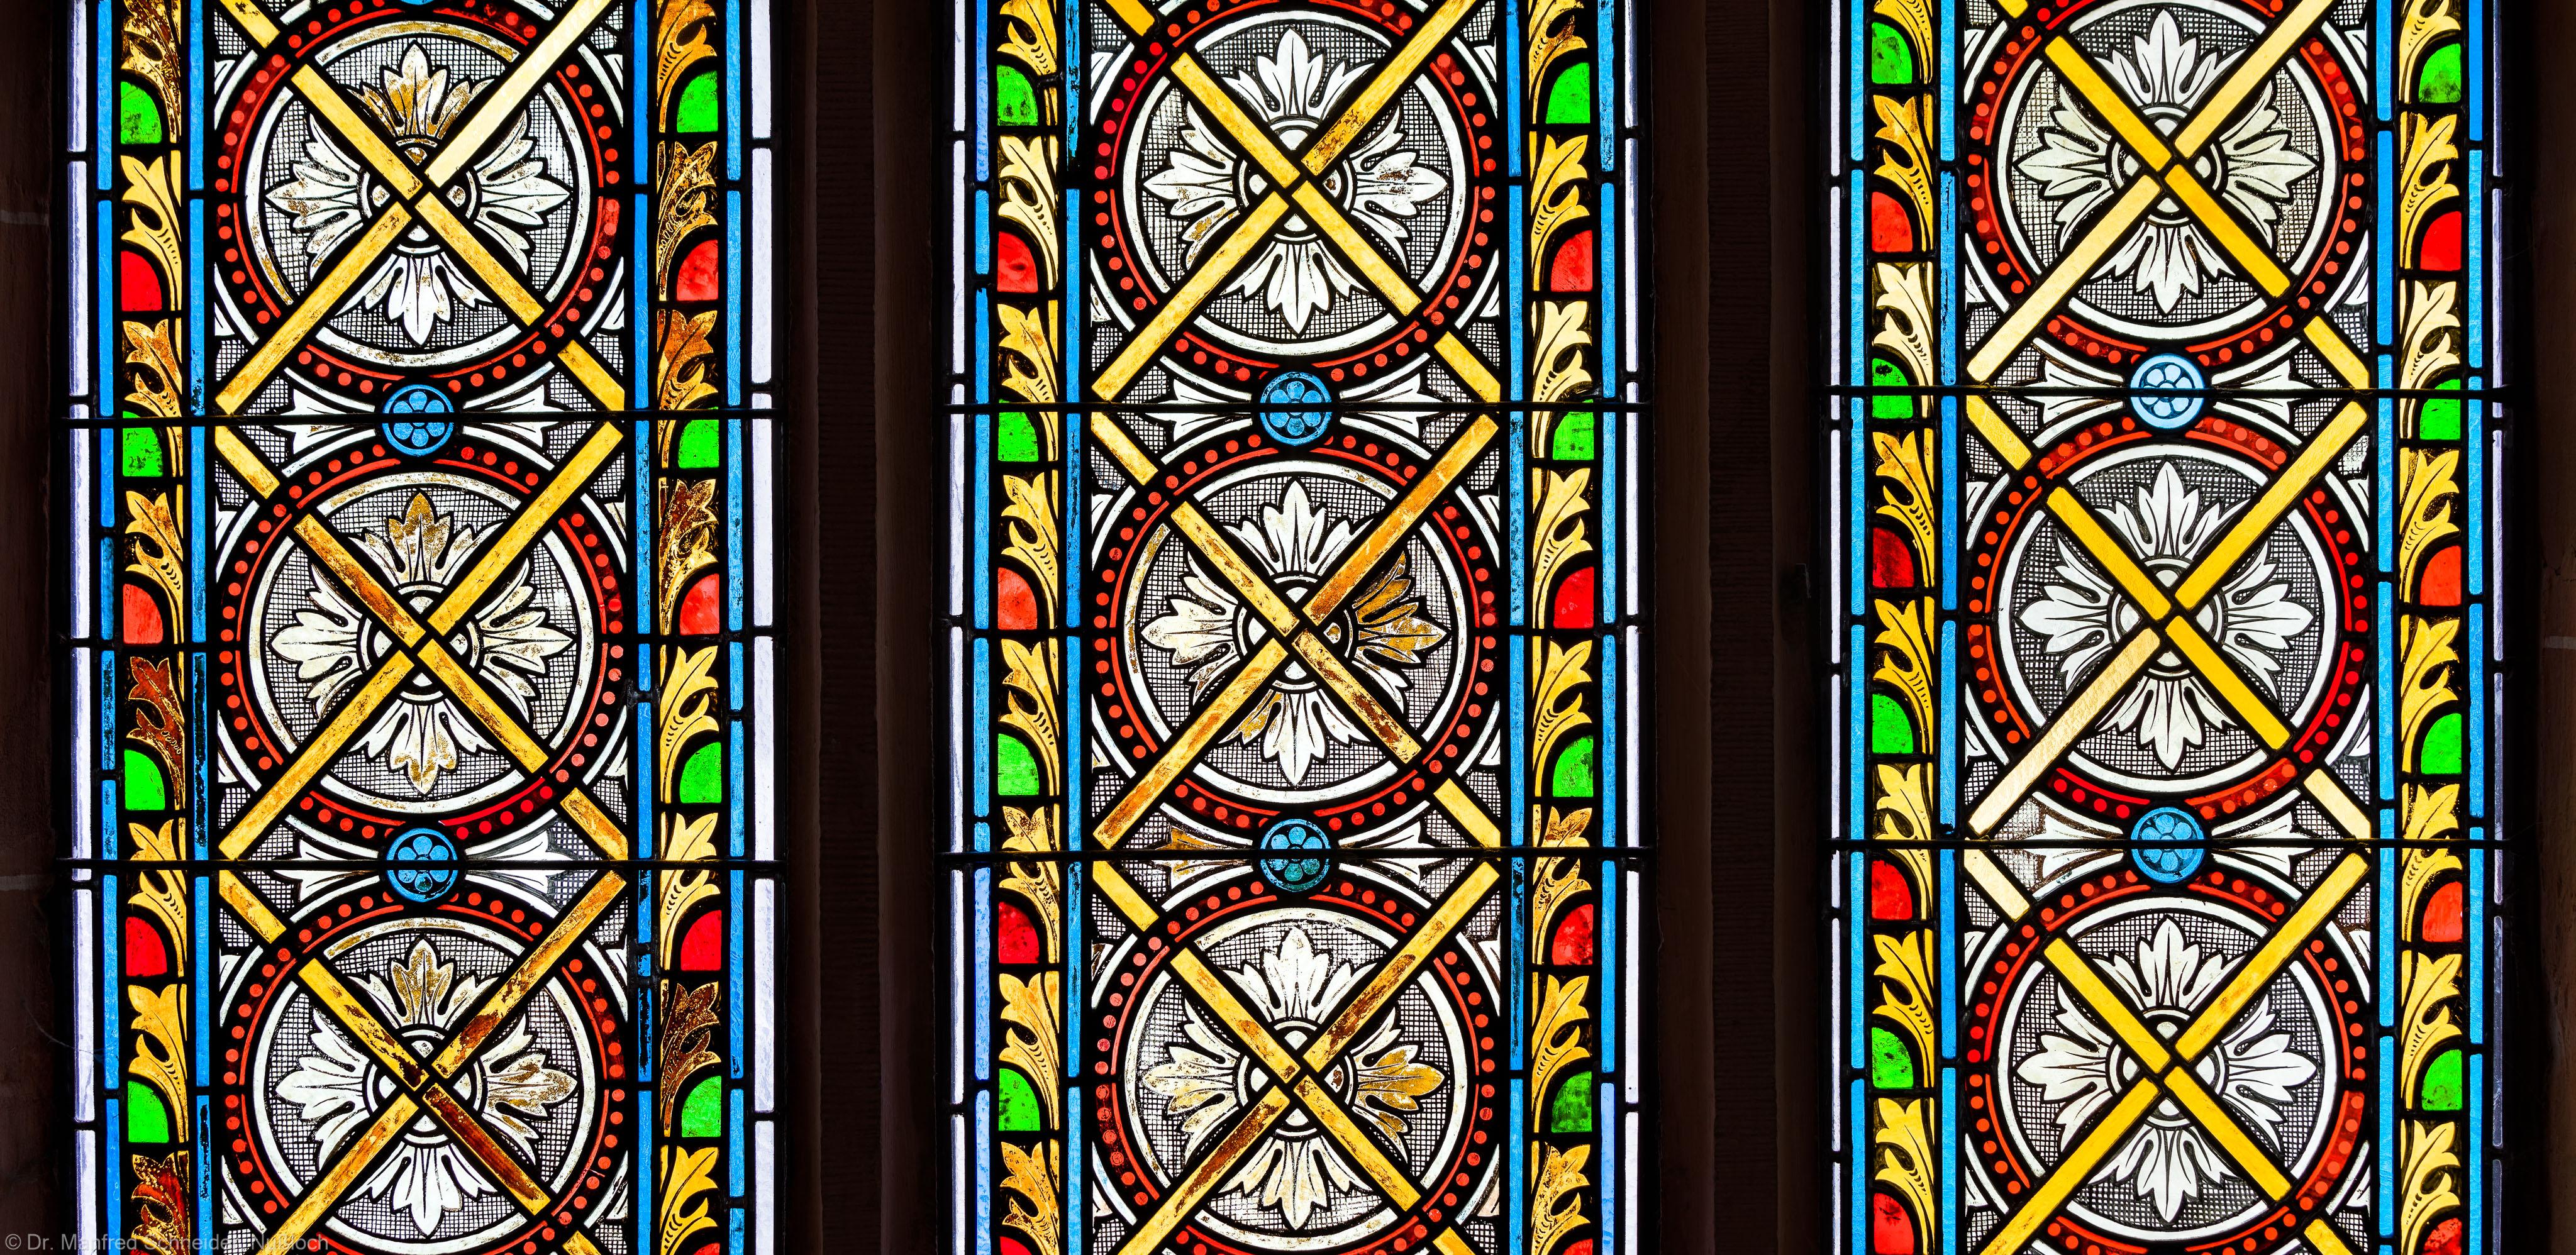 Heidelberg - Heiliggeistkirche - Südschiff - 4. Joch, von Westen aus gezählt - Felder (zweite Zeile) des Ornamentfensters (aufgenommen im Oktober 2015, um die Mittagszeit)